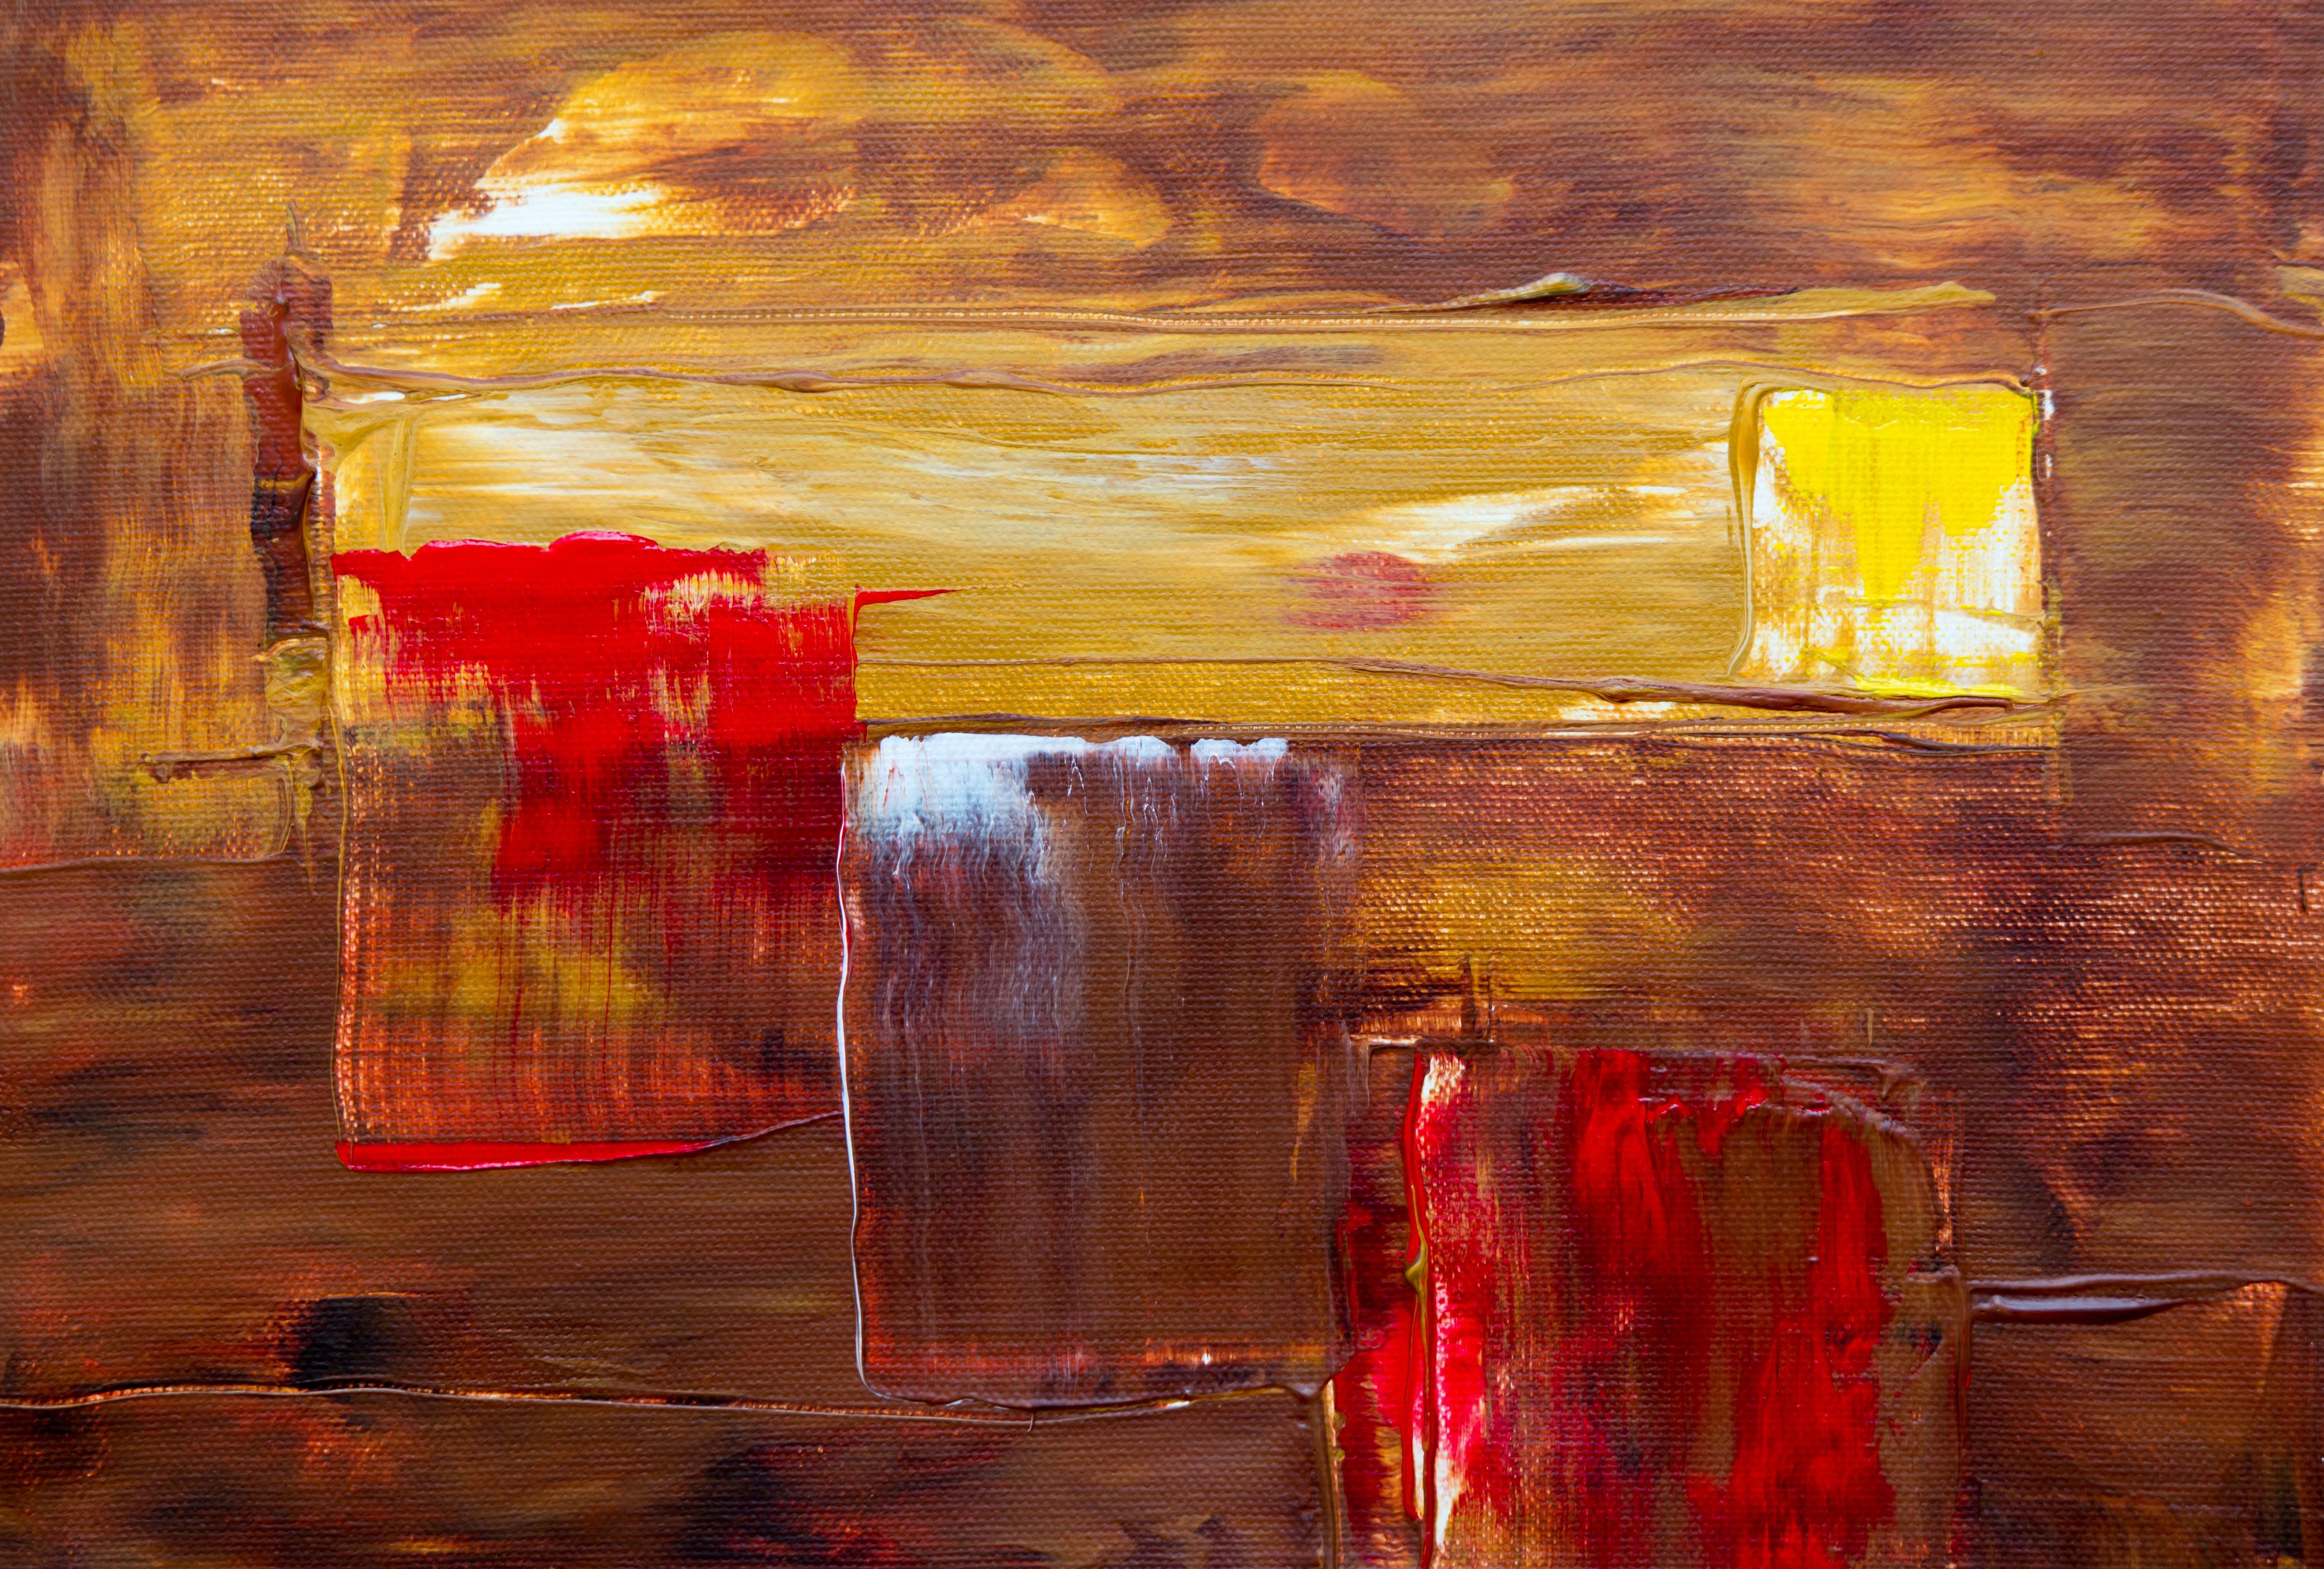 Бесплатное стоковое фото с Абстрактная живопись, Абстрактный экспрессионизм, акриловая краска, дизайн